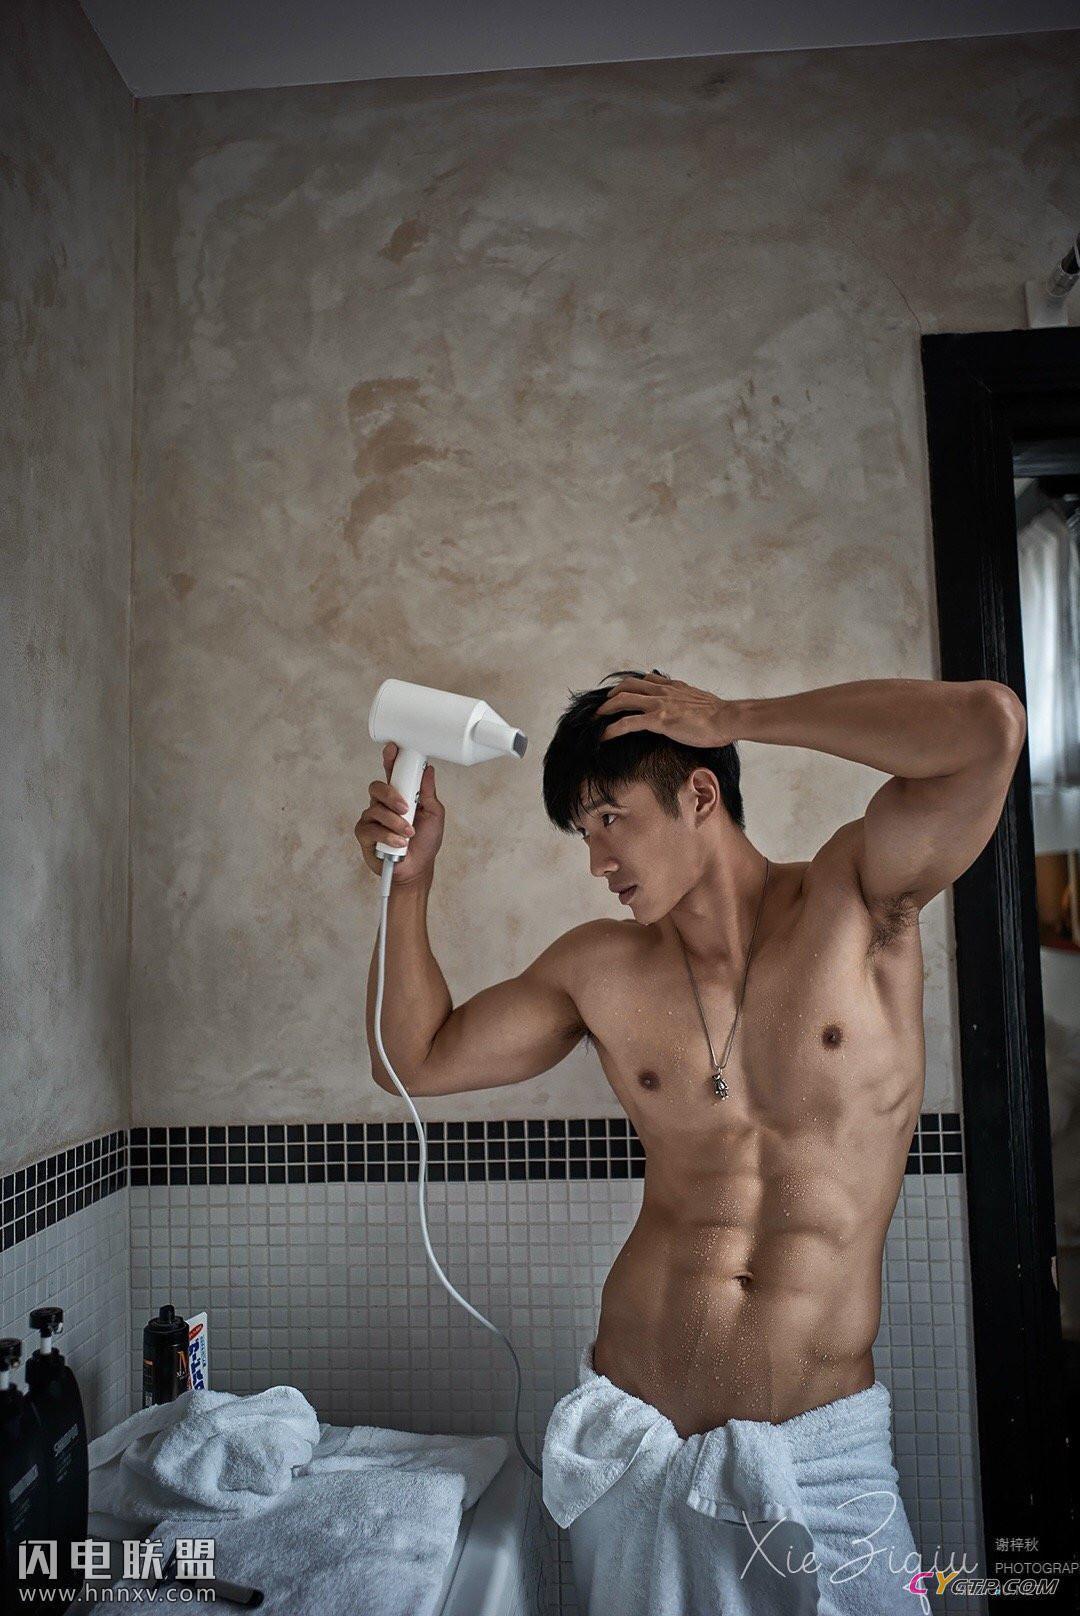 肌肉裸男洗澡图片无遮挡高清